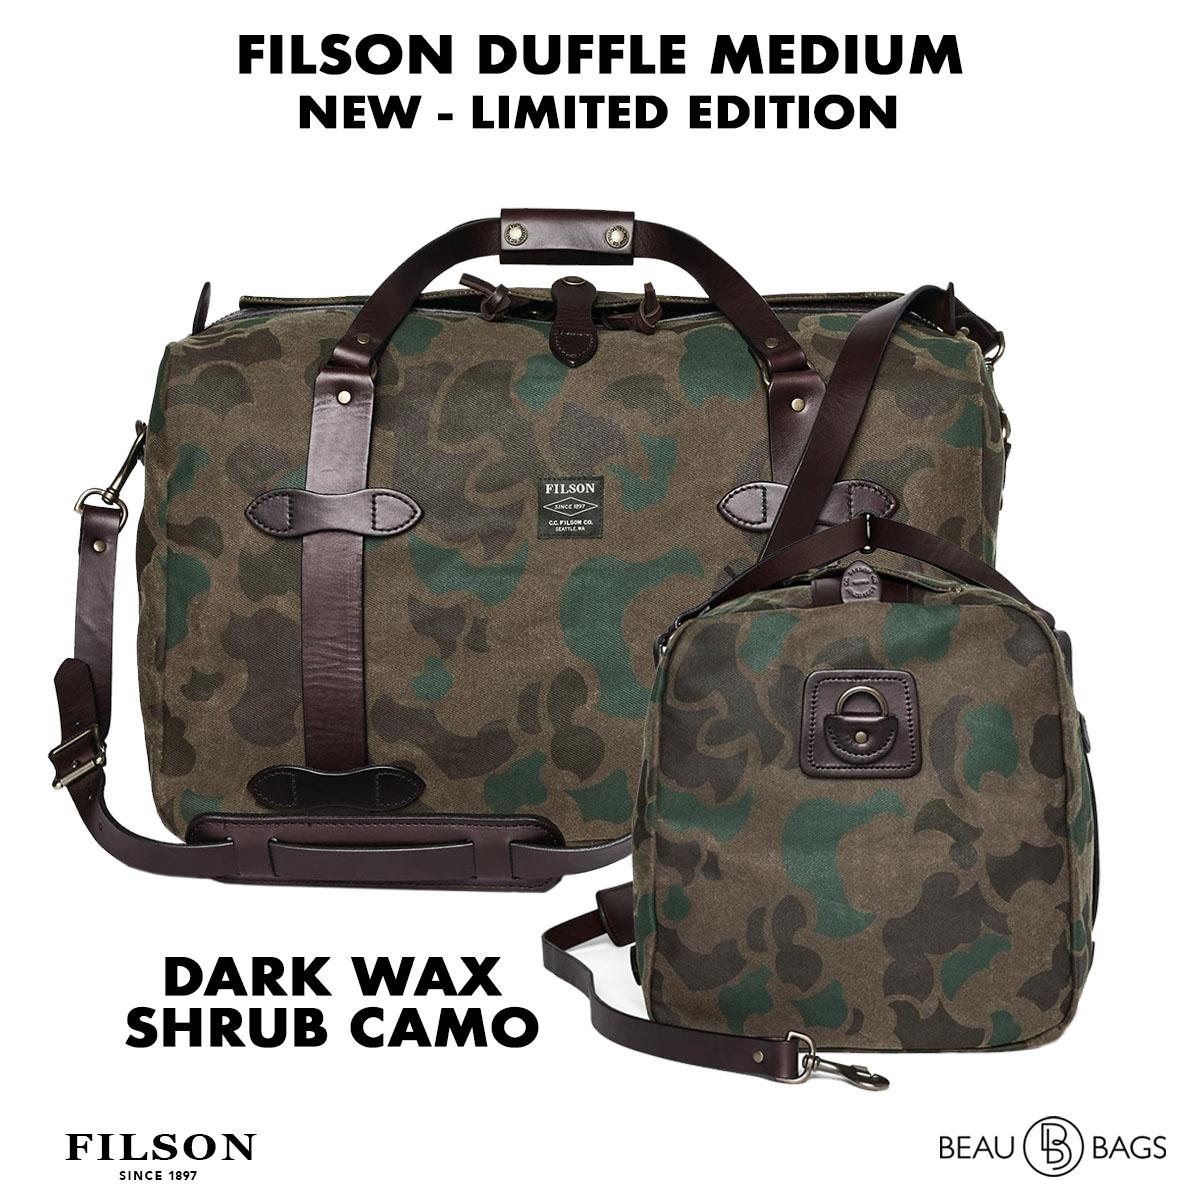 Filson Duffle Medium Dark Wax Shrub Camo, perfect voor een weekendje weg of een kleine zakenreis